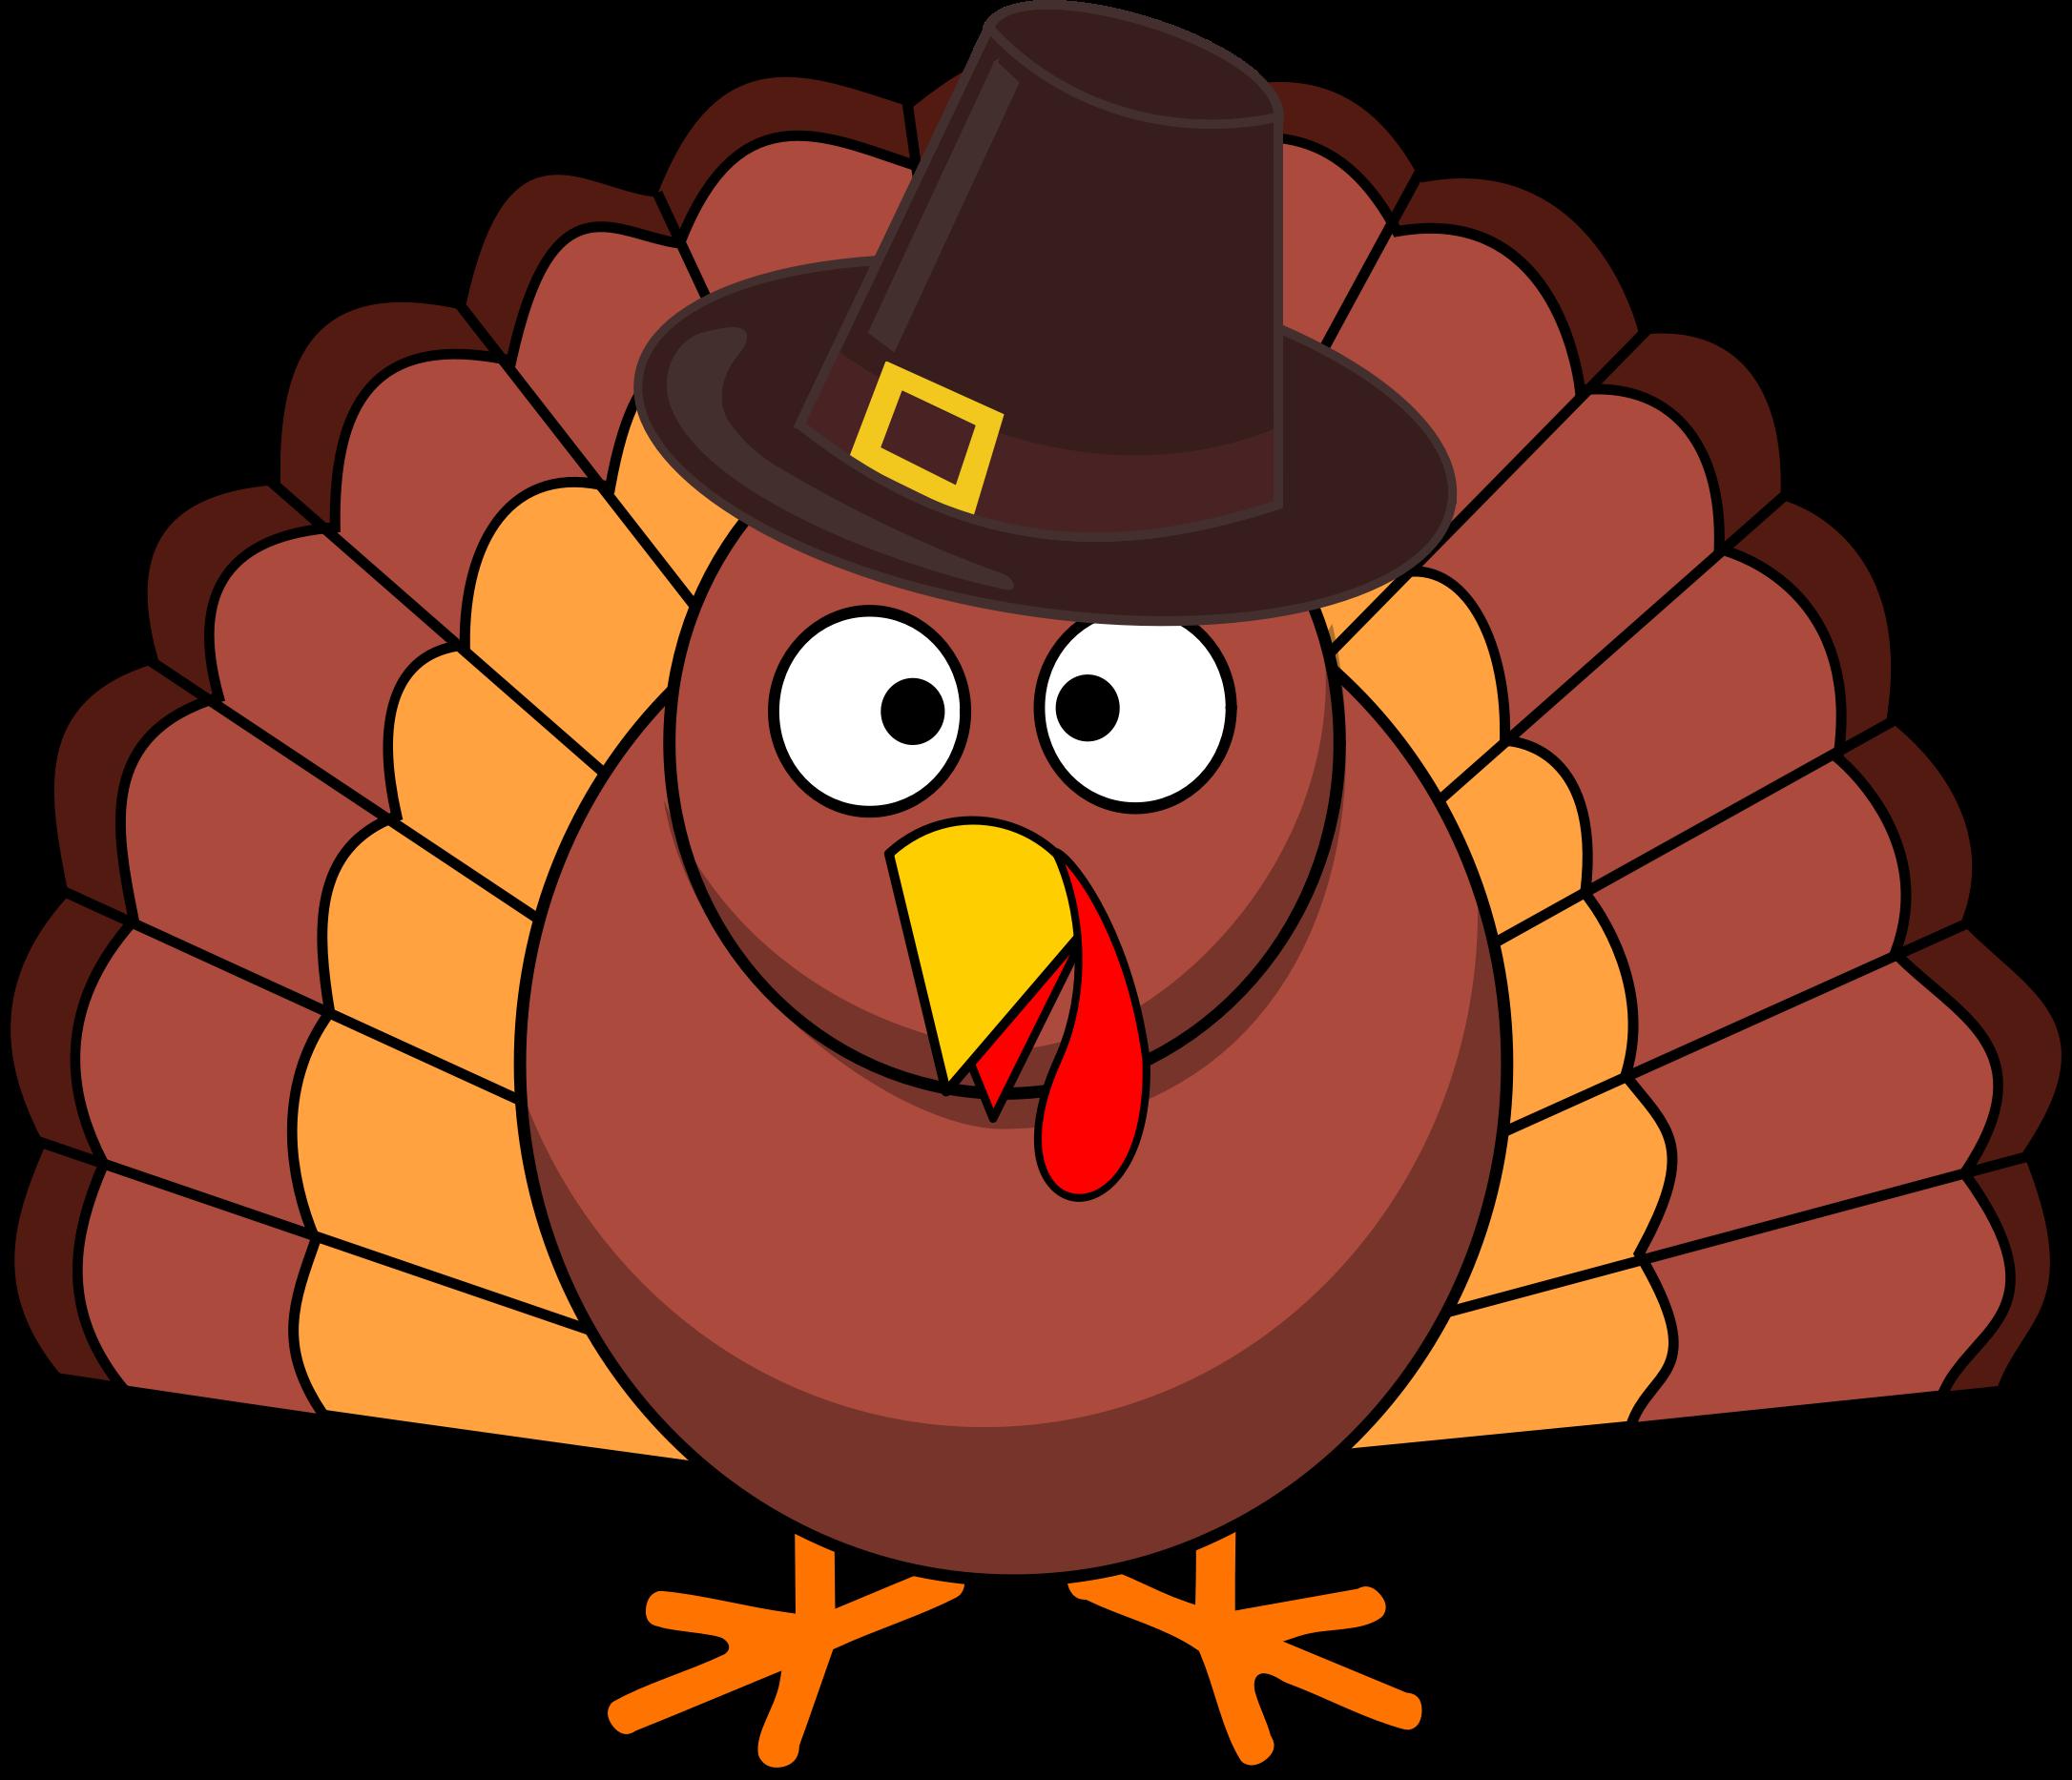 2172x1866 How Do You Draw Turkey Drawing Turkey. How To Draw